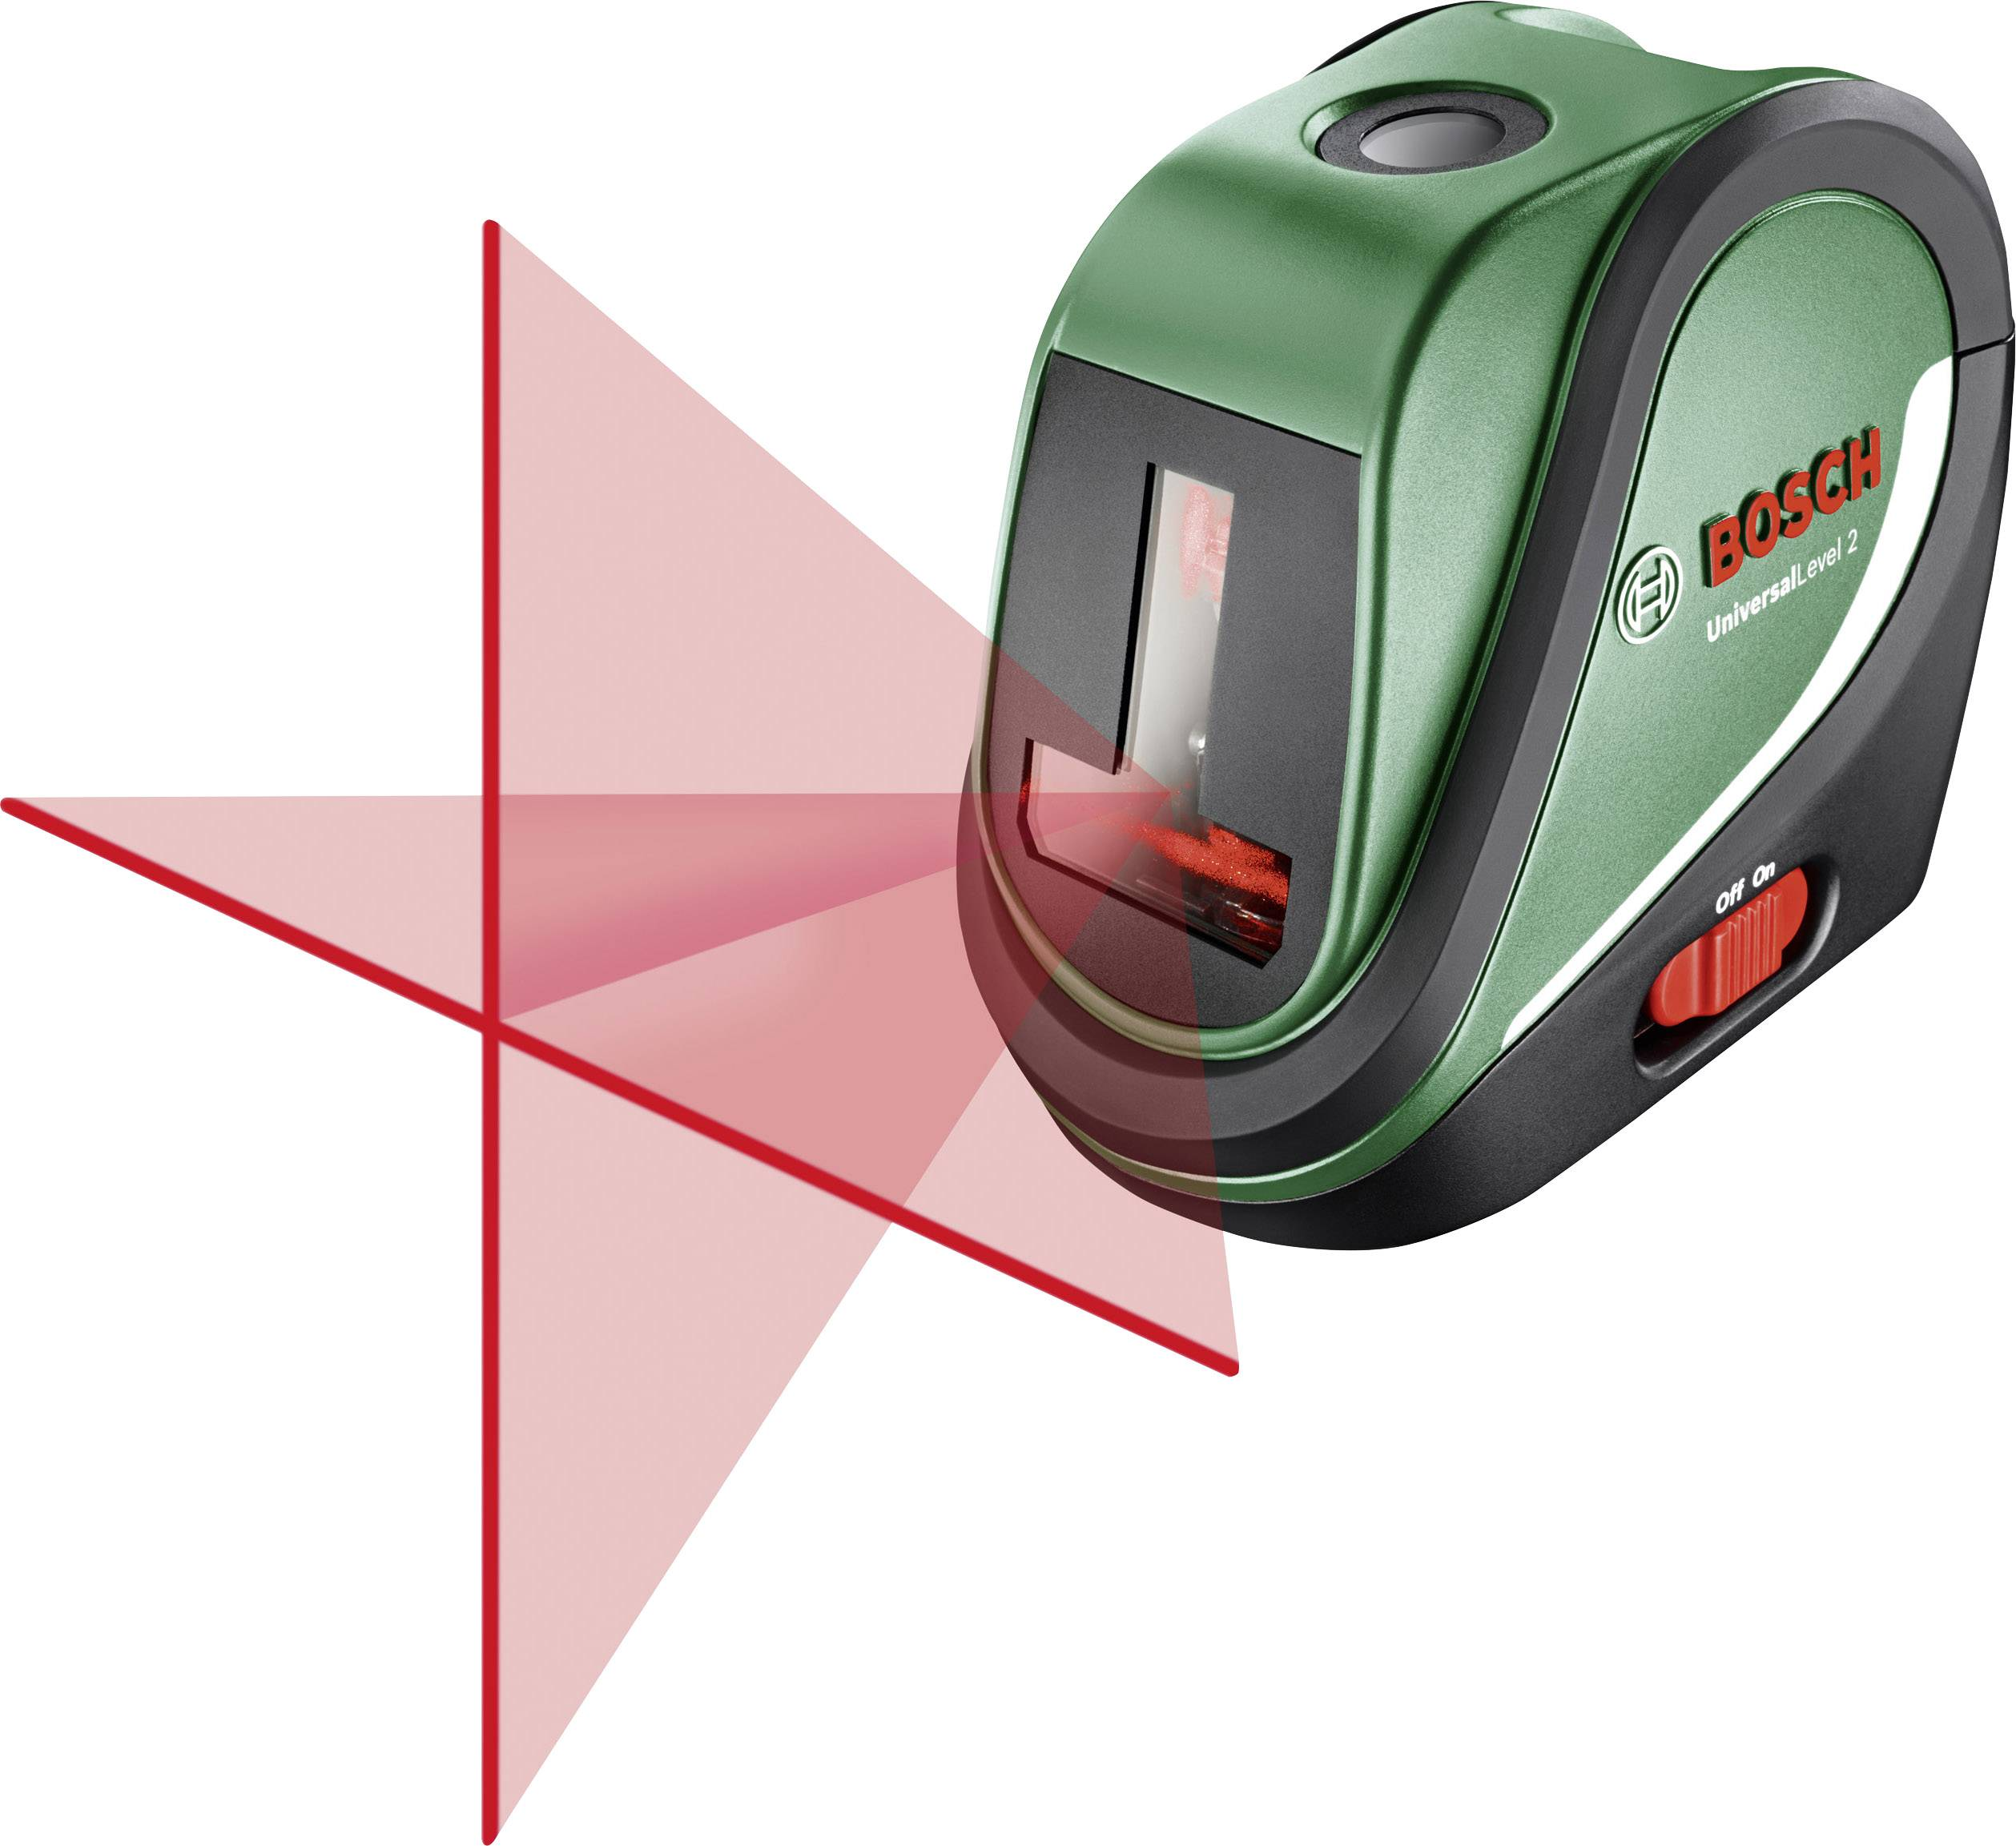 Křížový laser samonivelační Bosch Home and Garden UniversalLevel 2 Basic, dosah (max.): 10 m, Kalibrováno dle: podnikový standard (bez certifikátu) (own)